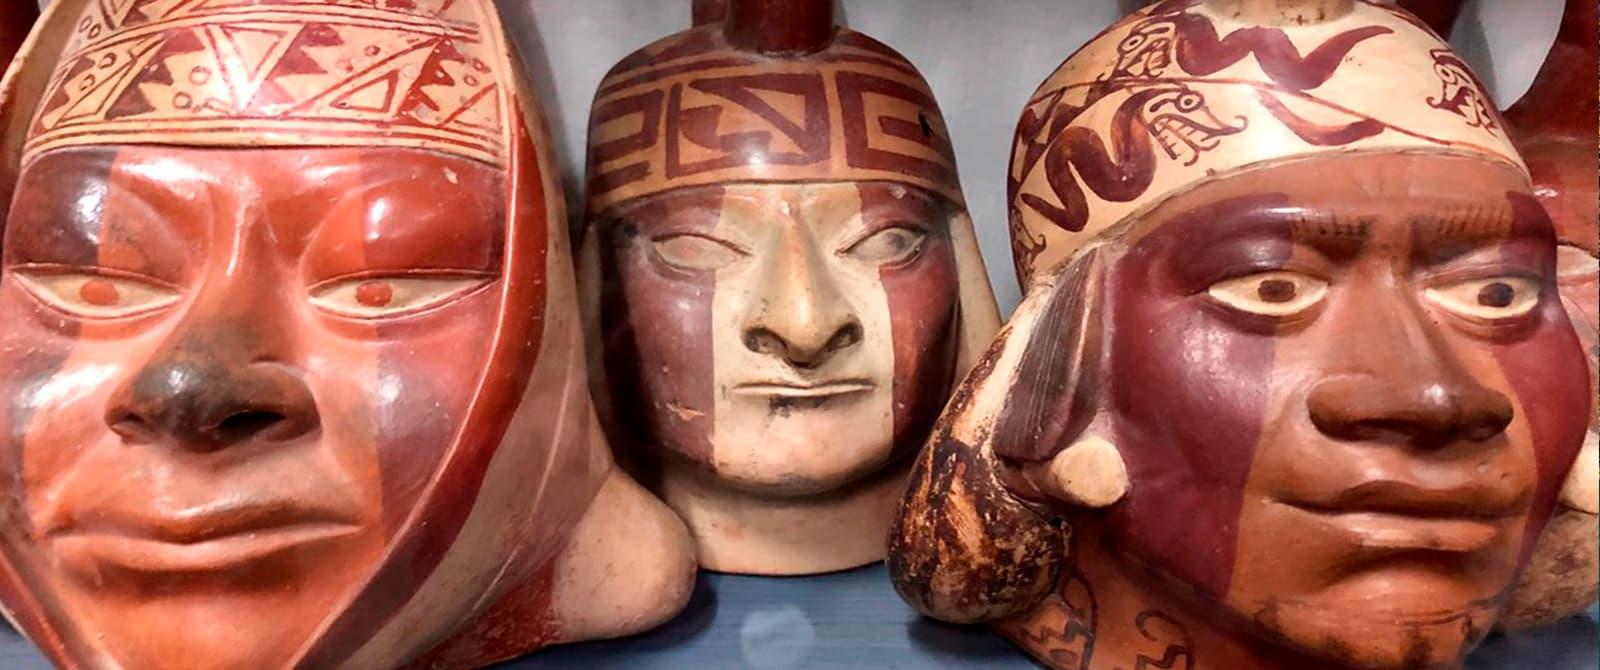 ceramic of larco museum